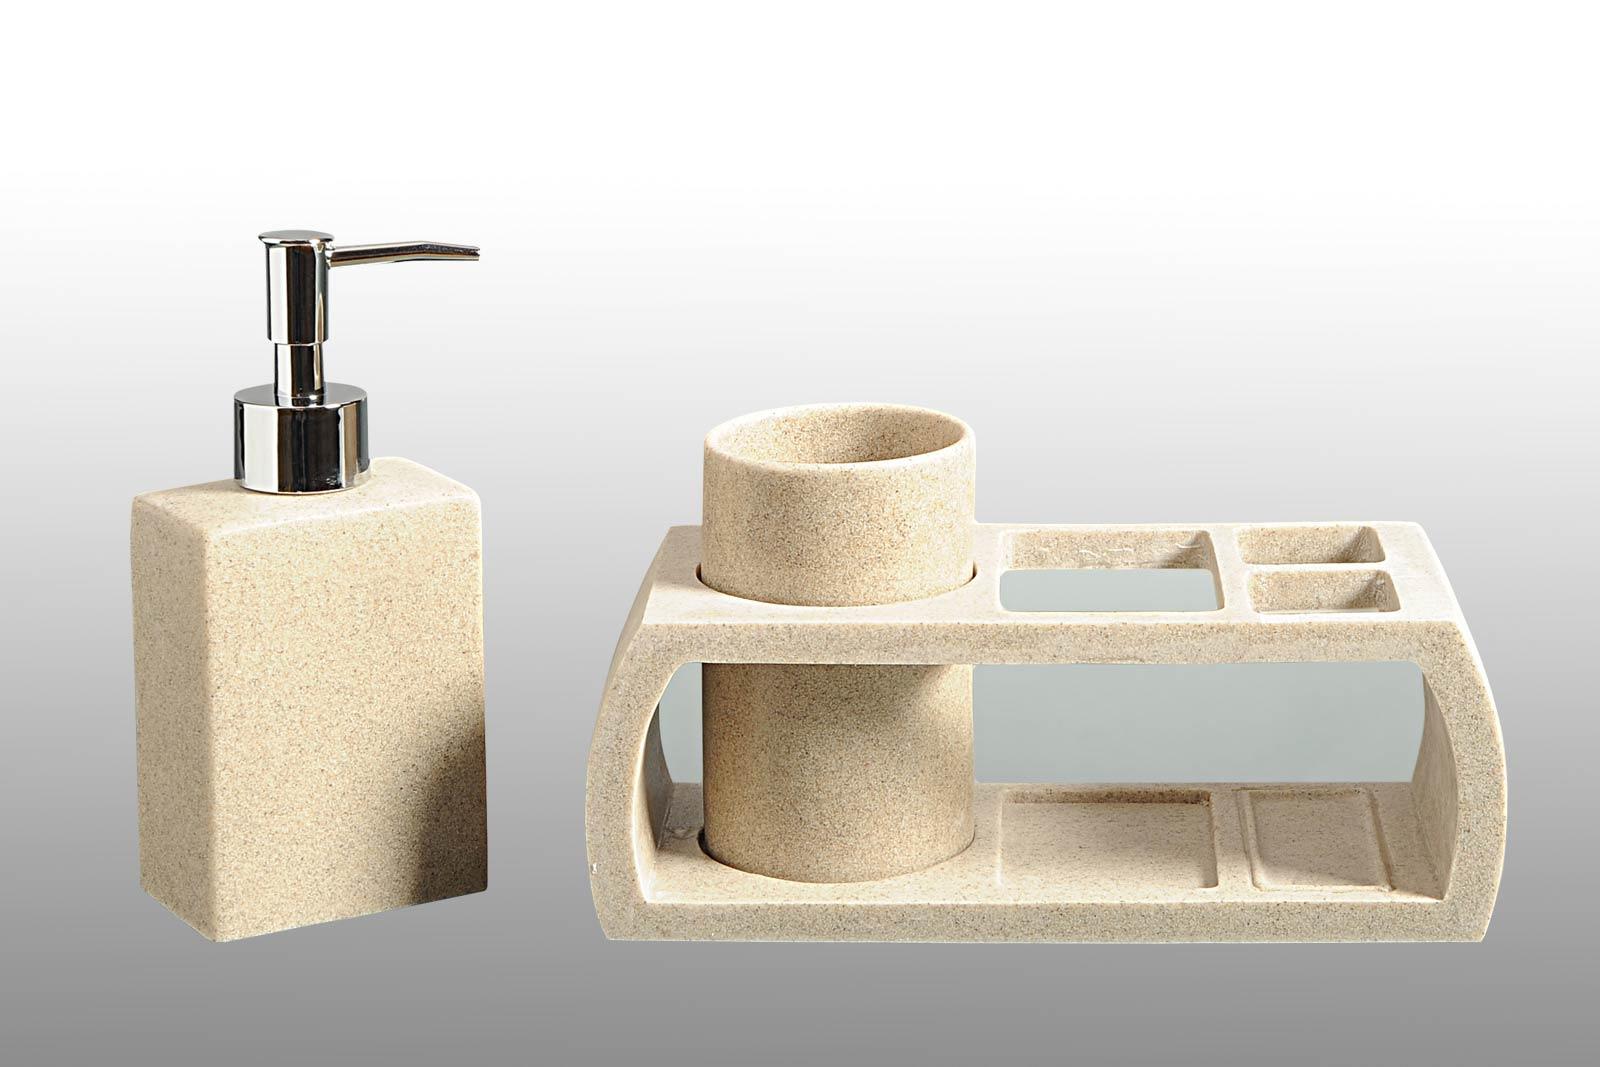 Biege Granite Bath Accessories